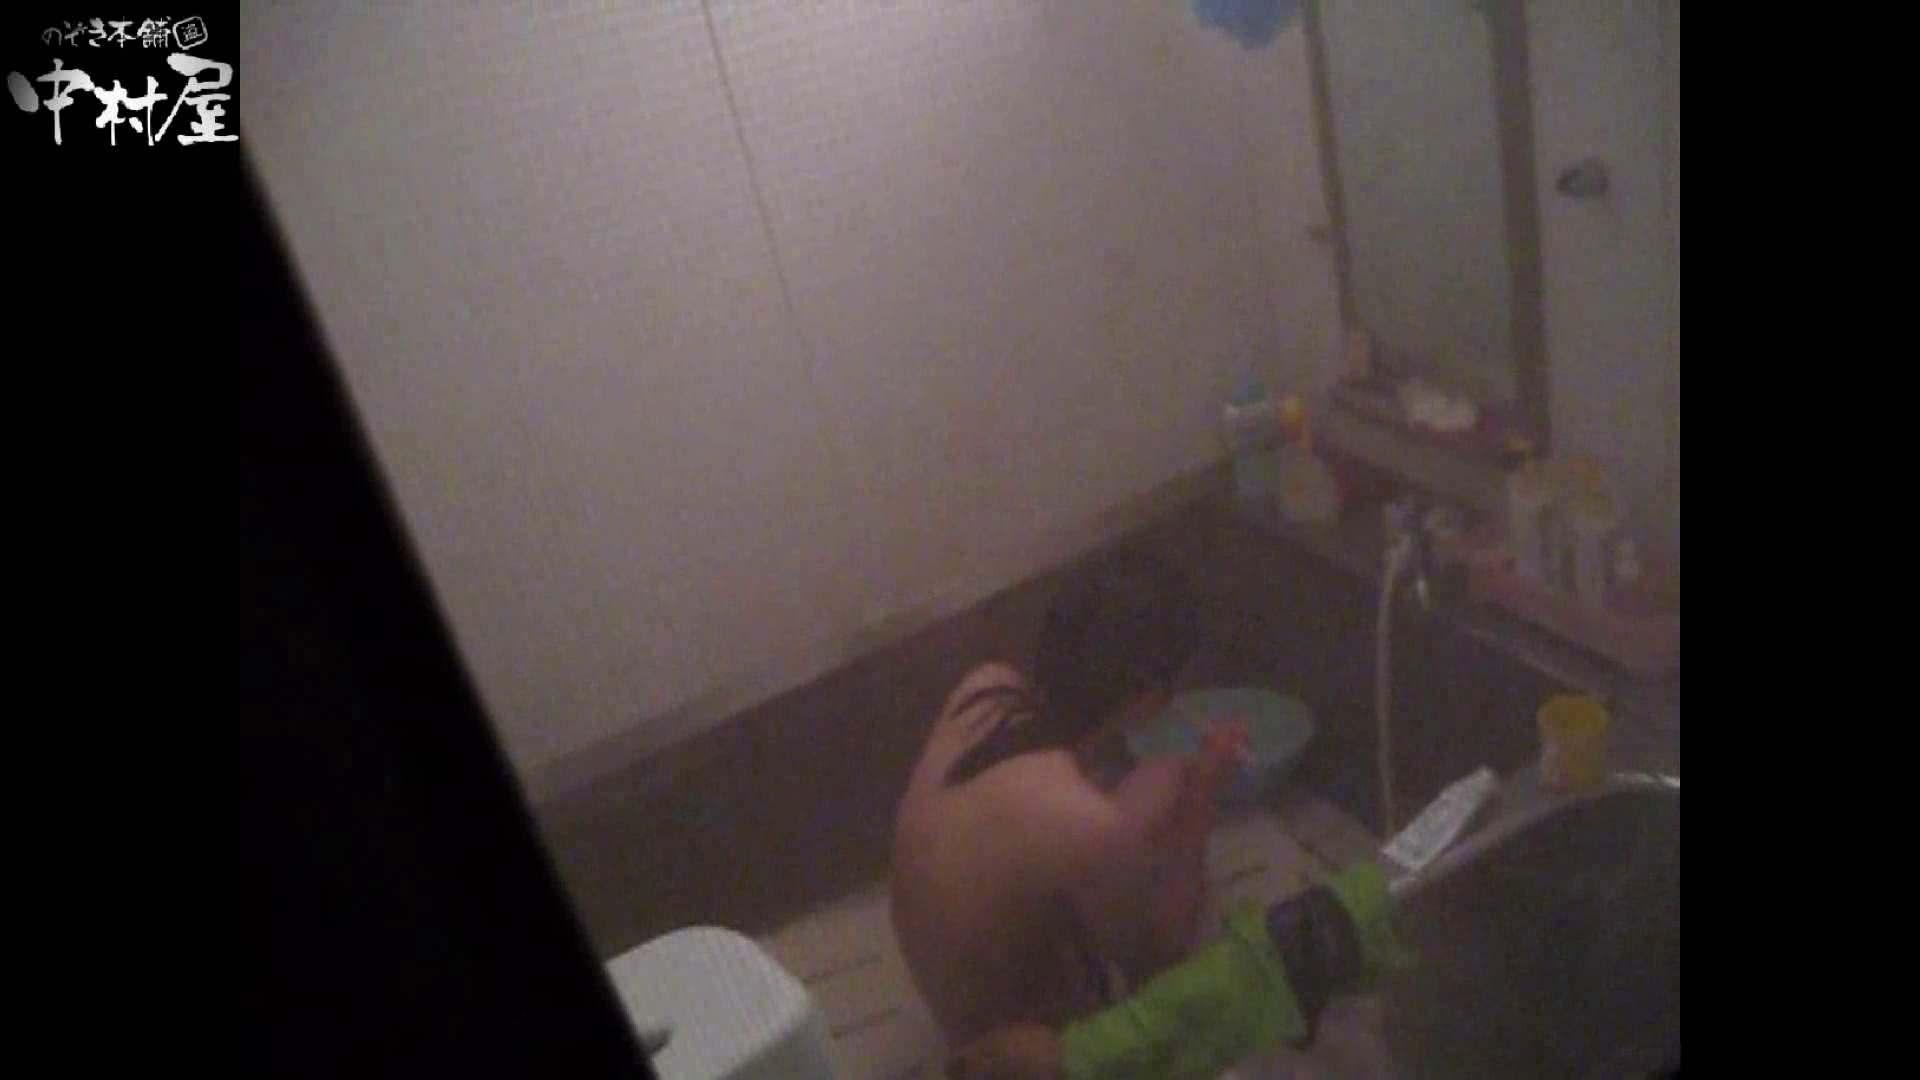 民家風呂専門盗撮師の超危険映像 vol.020 エロい美少女 セックス画像 93PIX 74